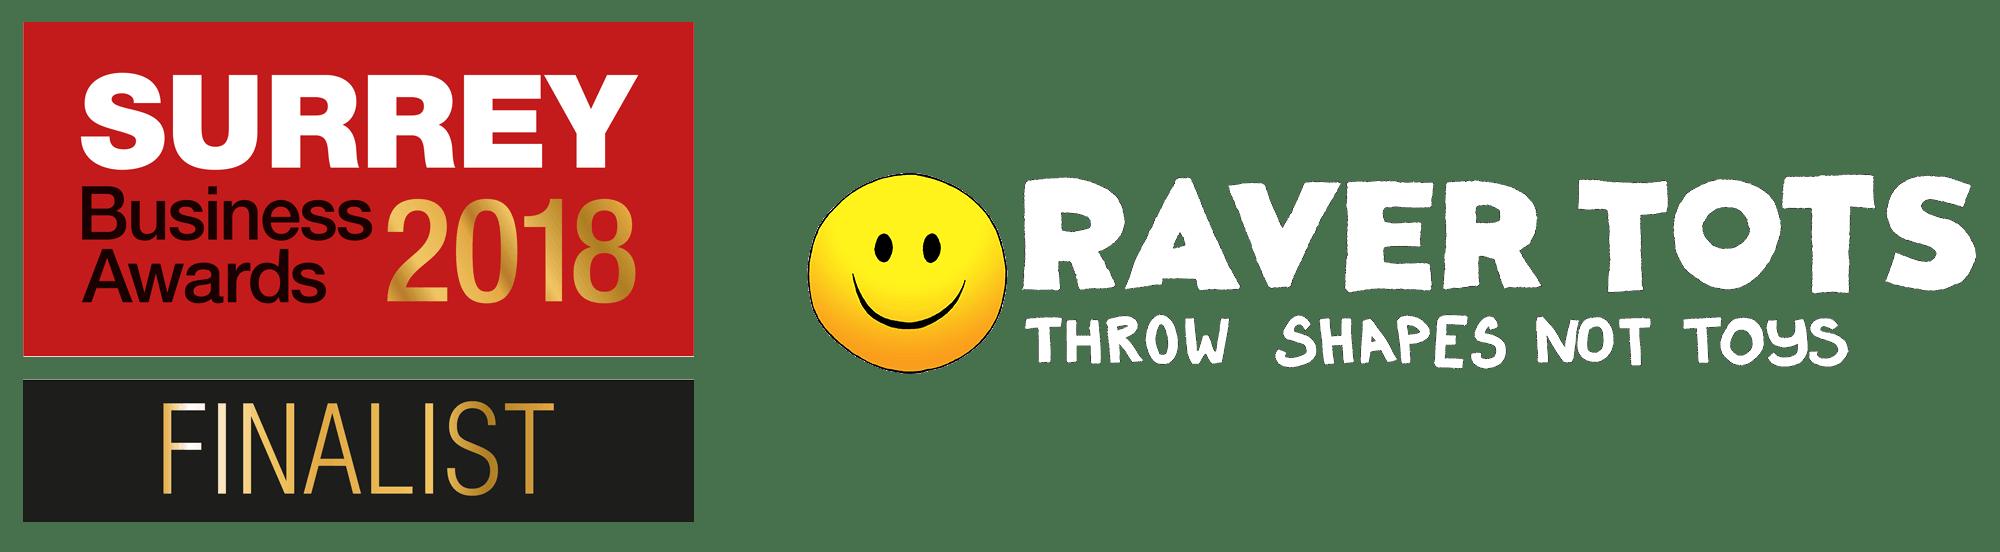 Raver Tots